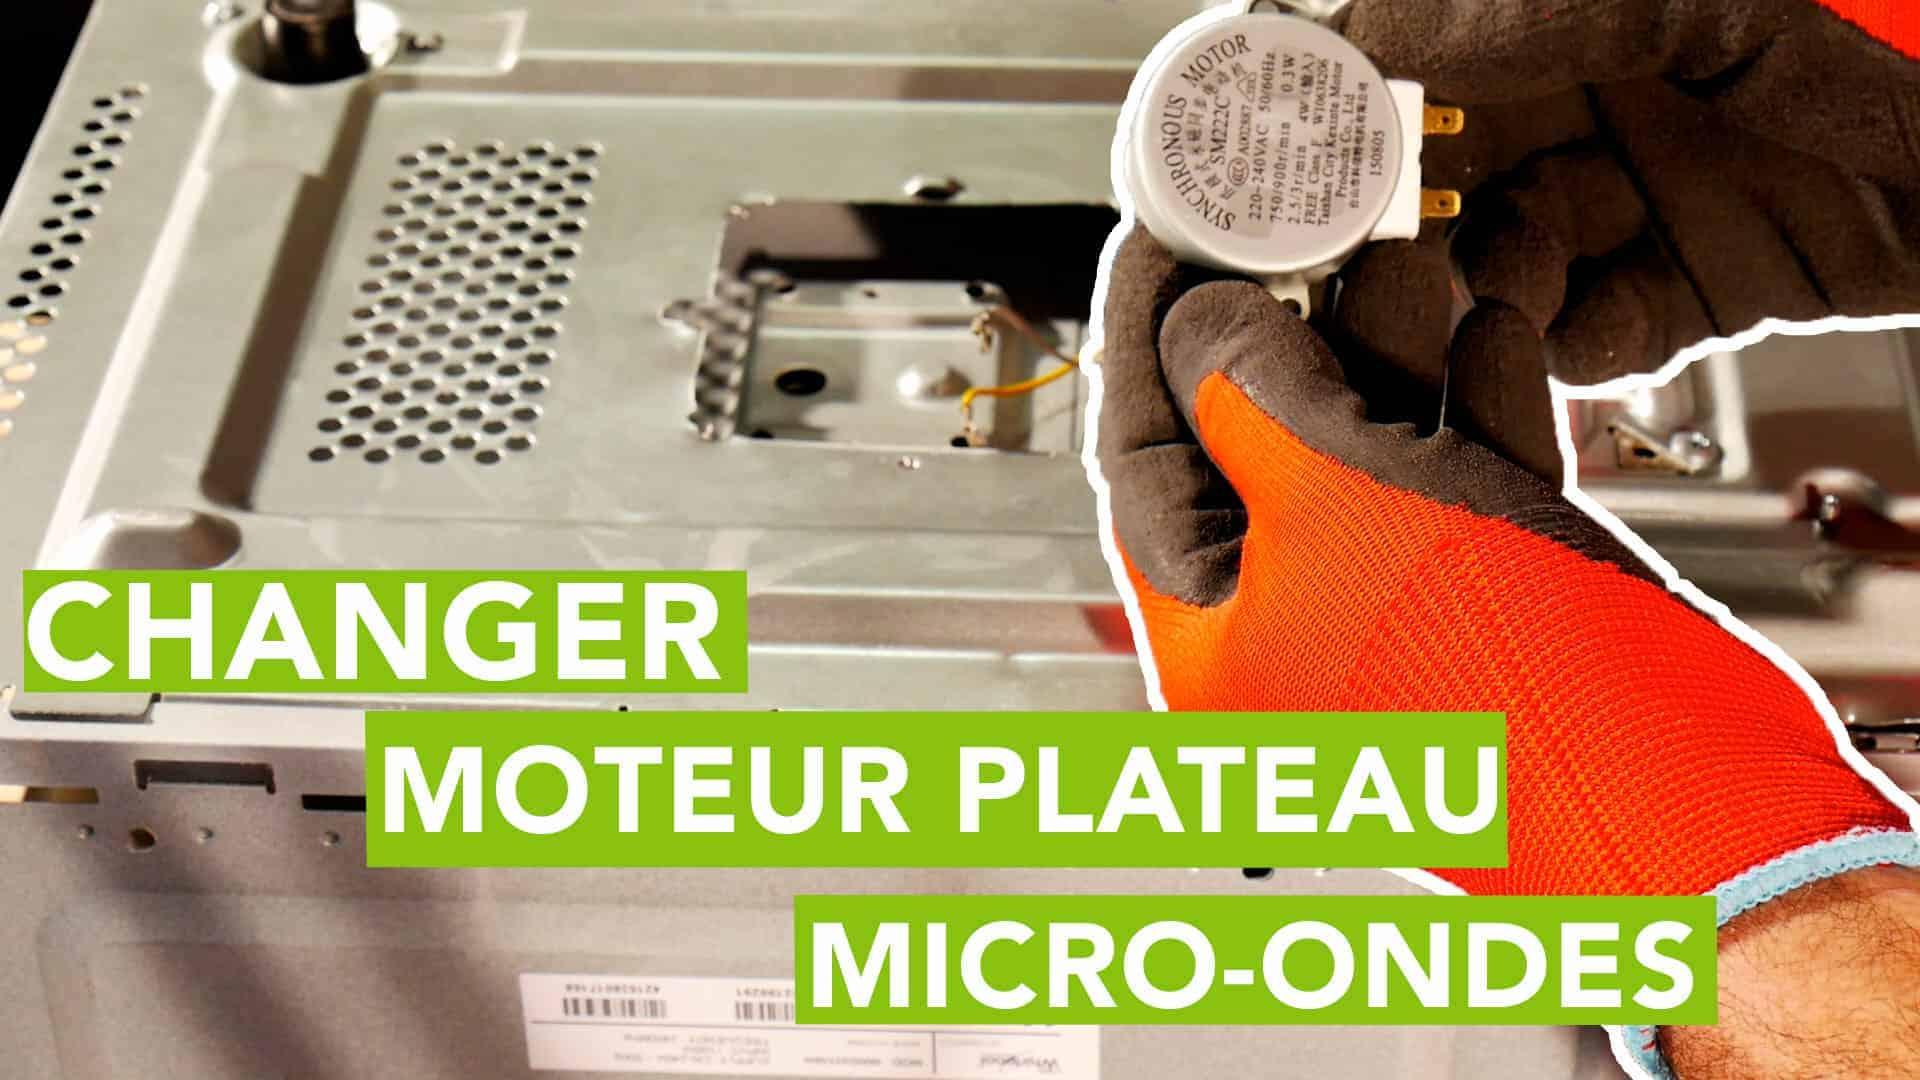 Demonter Plaque De Cuisson Electrique micro-ondes : comment changer le moteur de plateau du micro